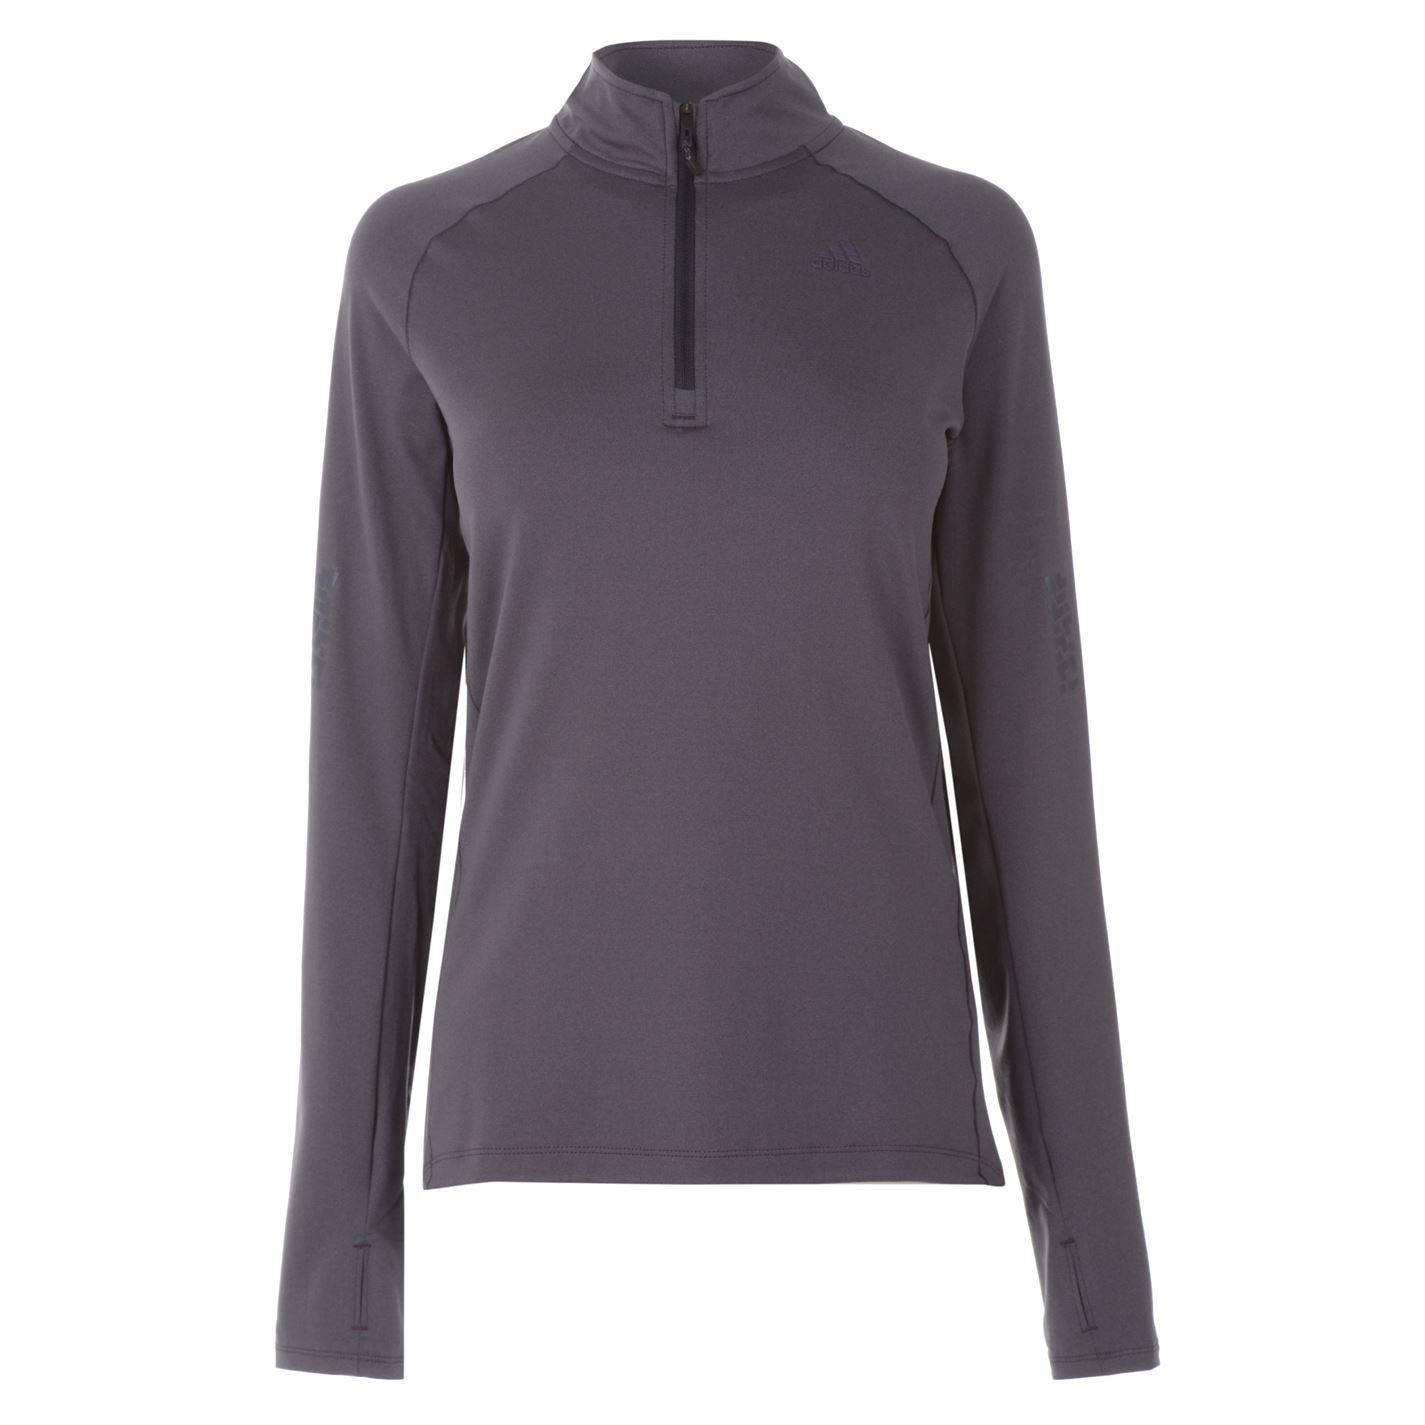 Adidas Supernova Long Sleeve Sweatshirt Ladies